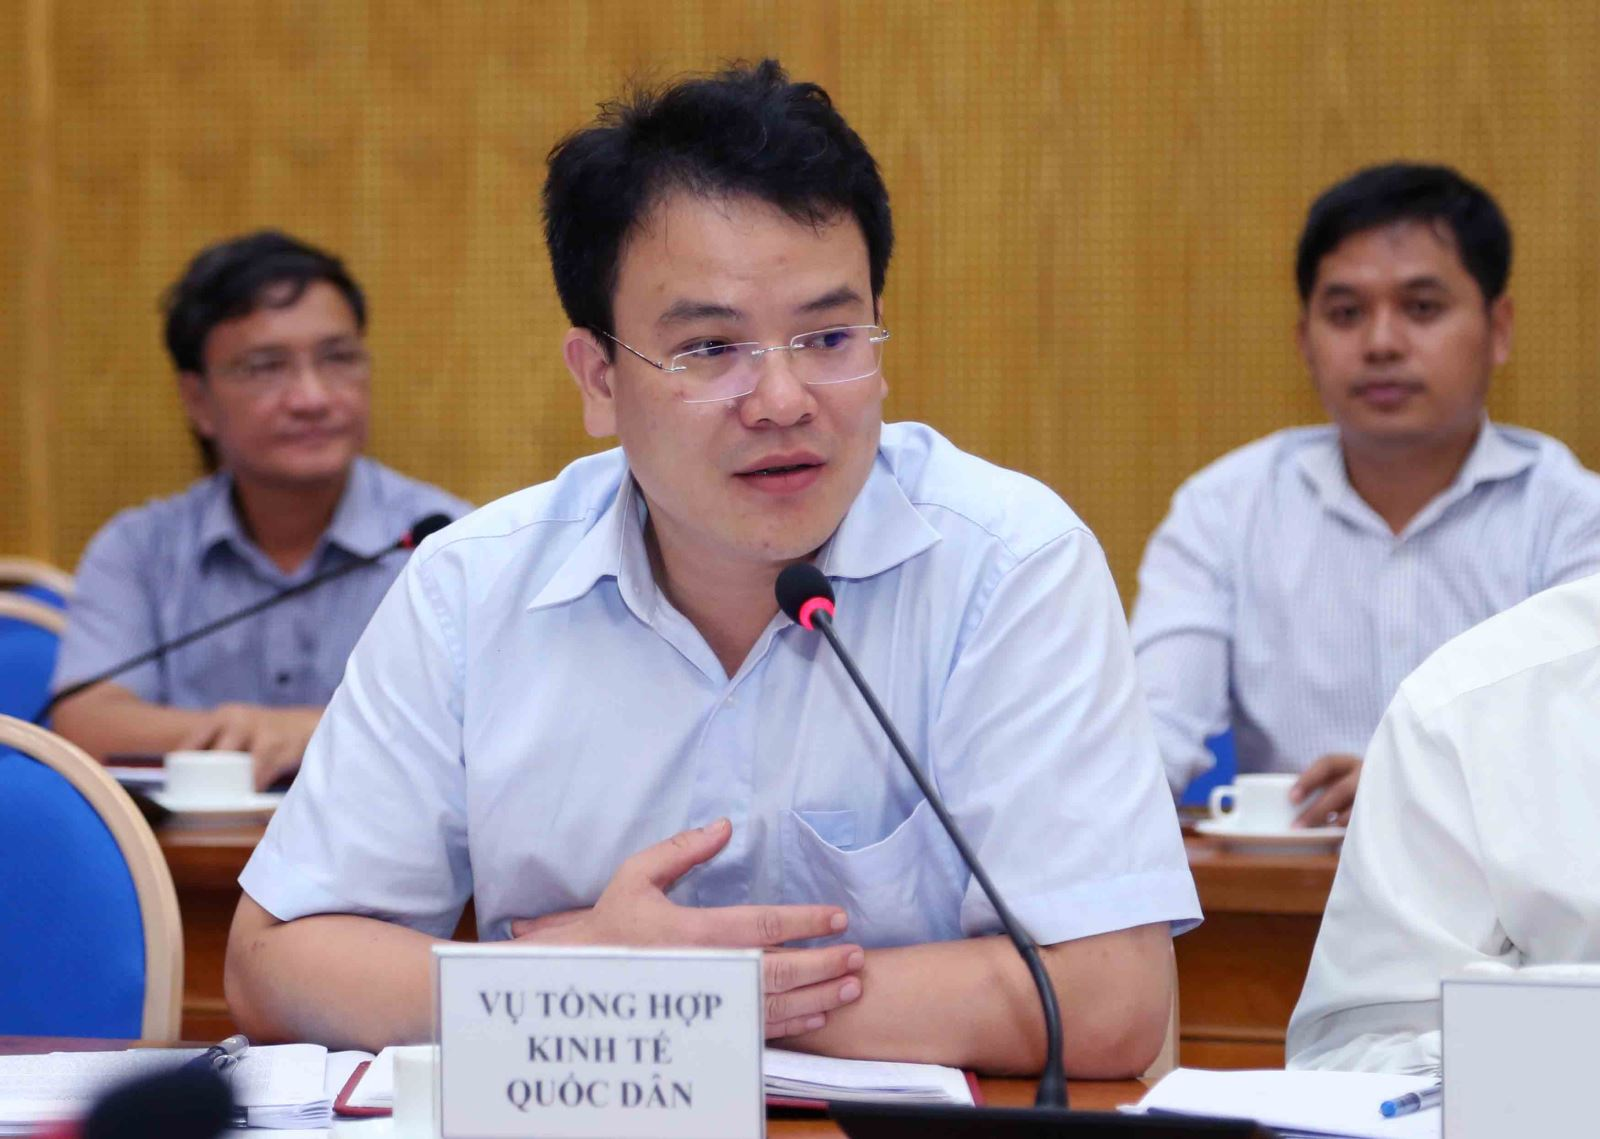 Nợ công Việt Nam năm 2018 là 3,13 triệu tỷ đồng